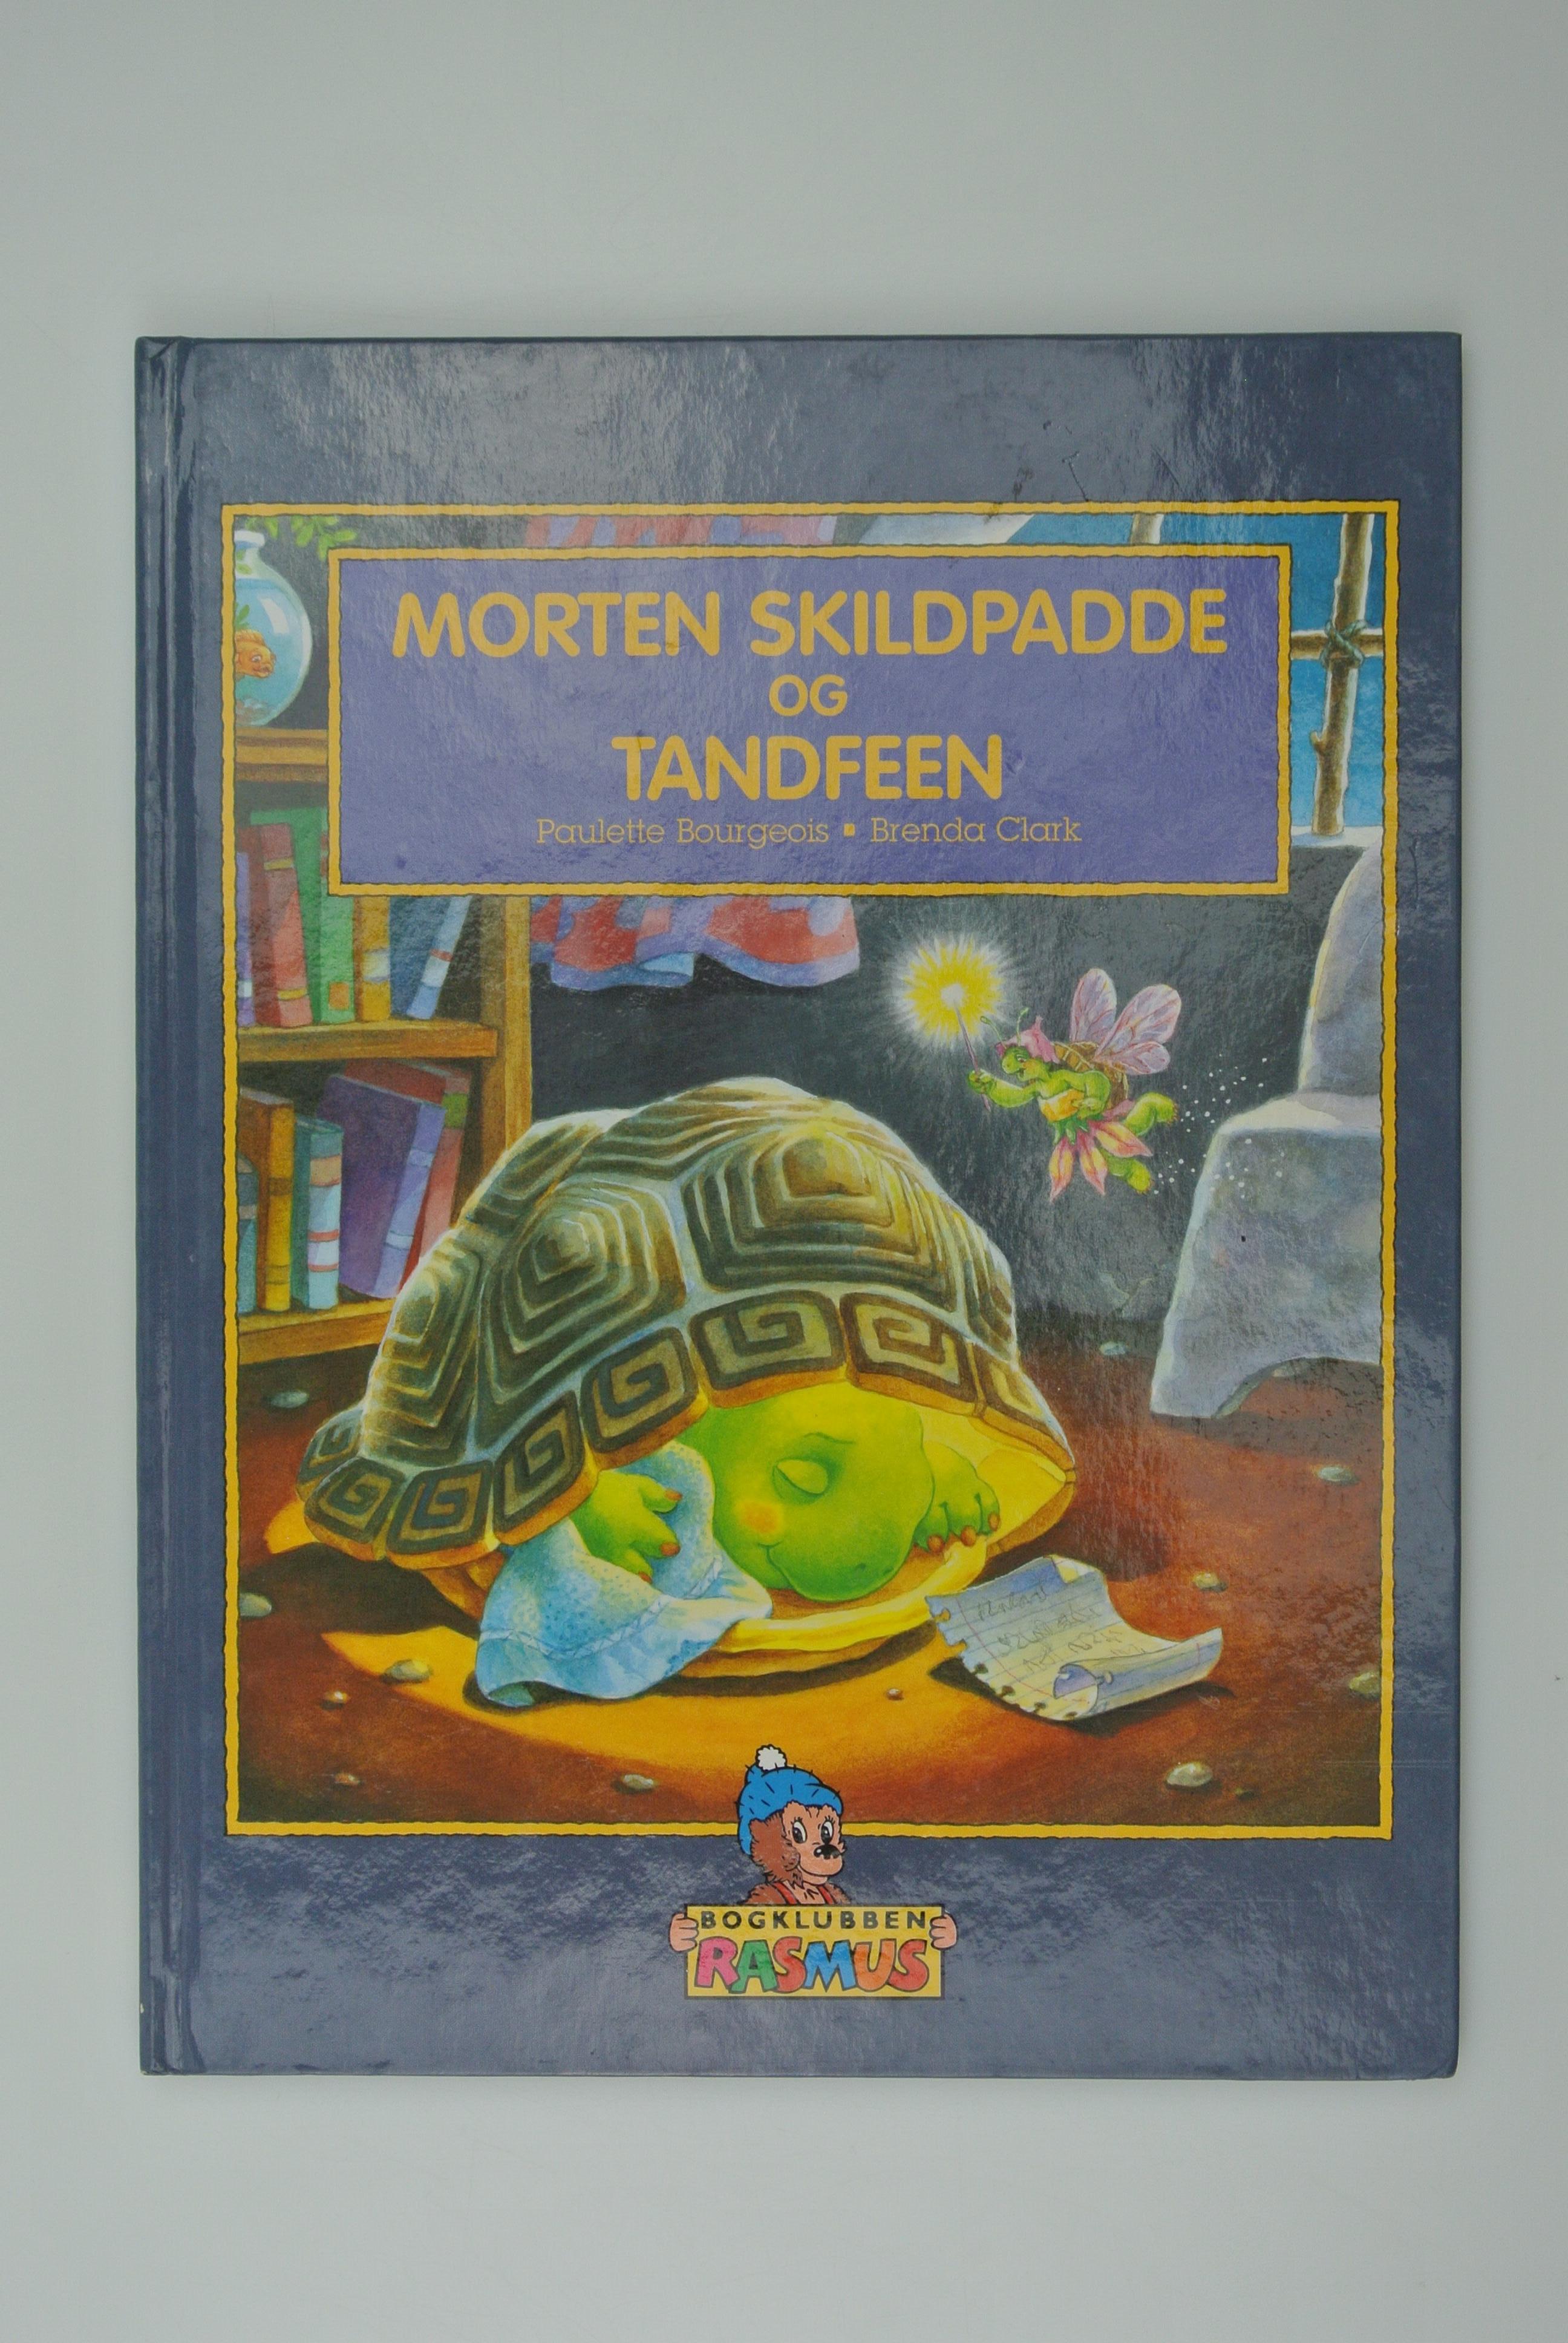 Morten Skildpadde og tandfeen bog